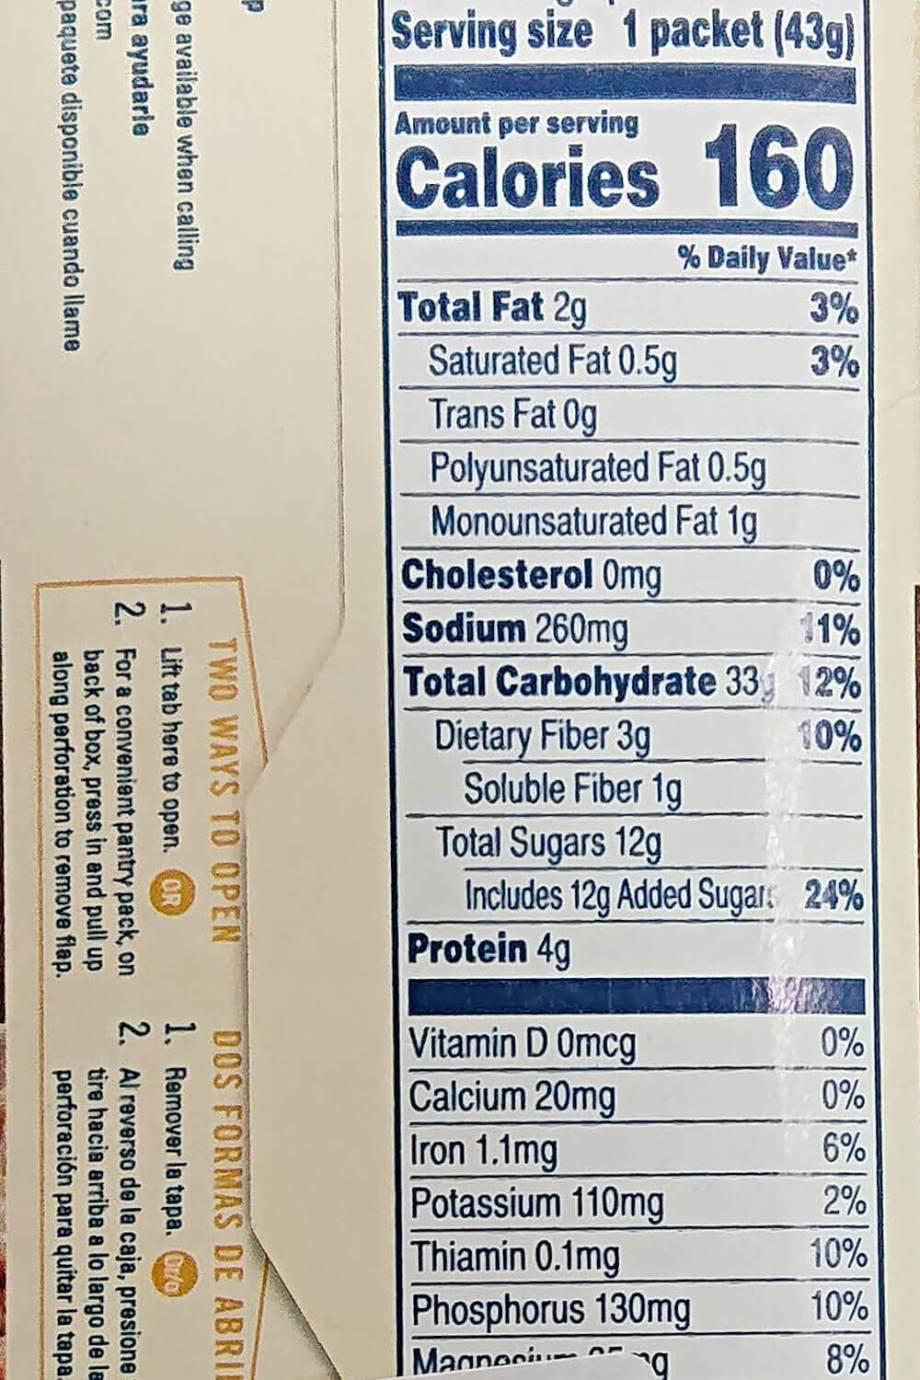 クエーカー インスタントオートミール 栄養成分表示 英語